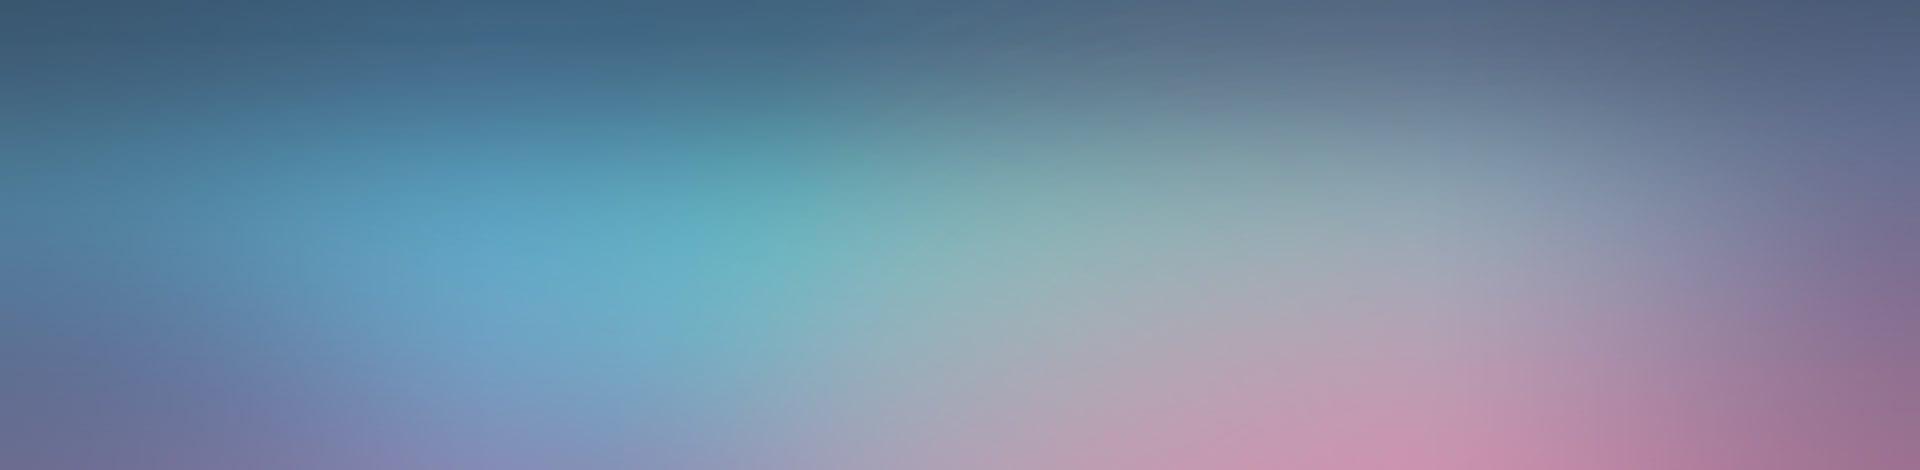 LinkedIn Wallpaper - WallpaperSafari